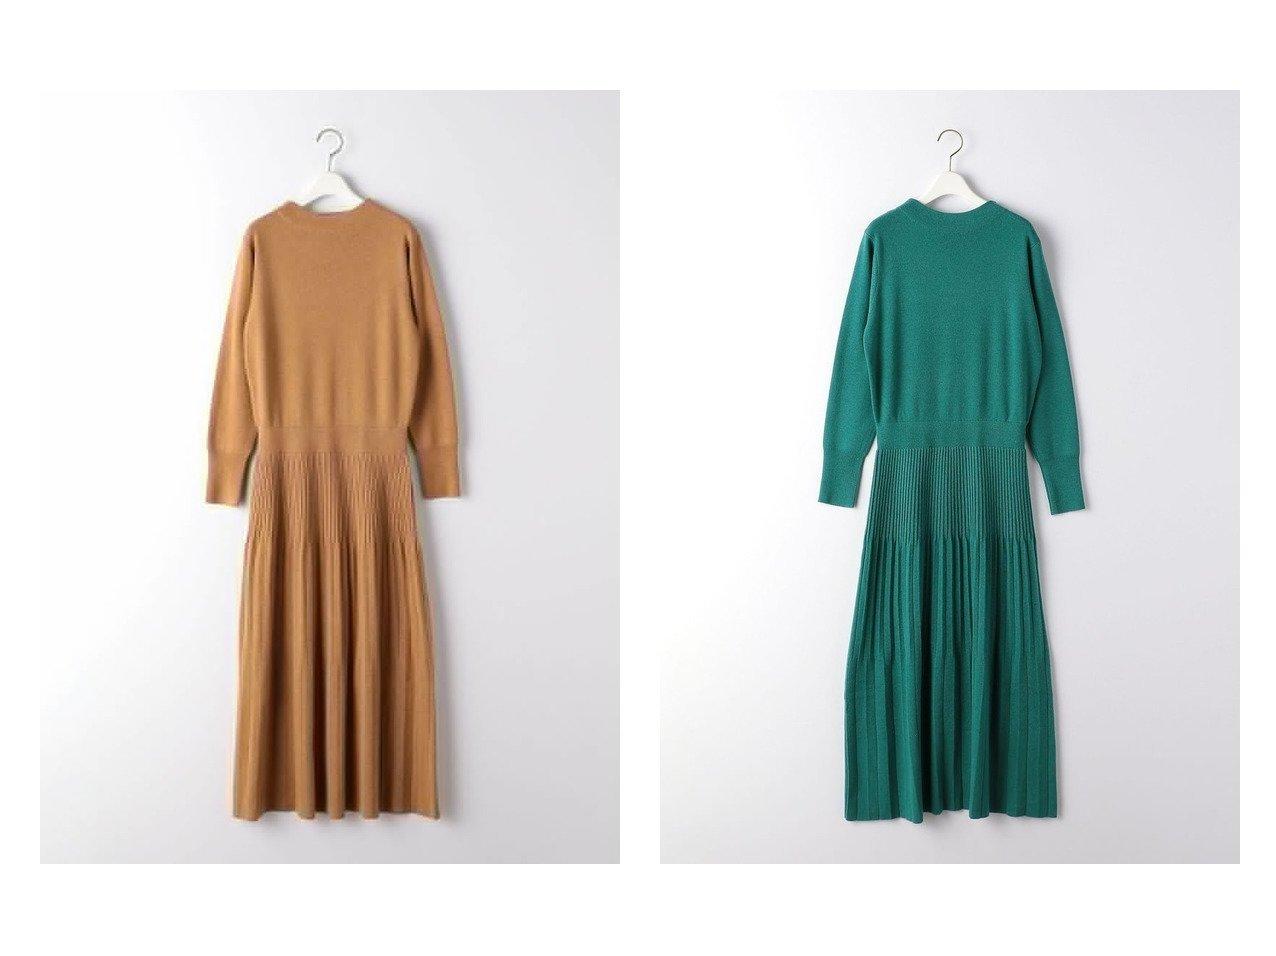 【UNITED ARROWS green label relaxing/ユナイテッドアローズ グリーンレーベル リラクシング】のFFC プリーツ スカート ニット ワンピース ワンピース・ドレスのおすすめ!人気、レディースファッションの通販 おすすめで人気のファッション通販商品 インテリア・家具・キッズファッション・メンズファッション・レディースファッション・服の通販 founy(ファニー) https://founy.com/ ファッション Fashion レディース WOMEN ワンピース Dress ニットワンピース Knit Dresses スカート Skirt プリーツスカート Pleated Skirts フィット フレア プリーツ 春 秋 長袖 |ID:crp329100000001864